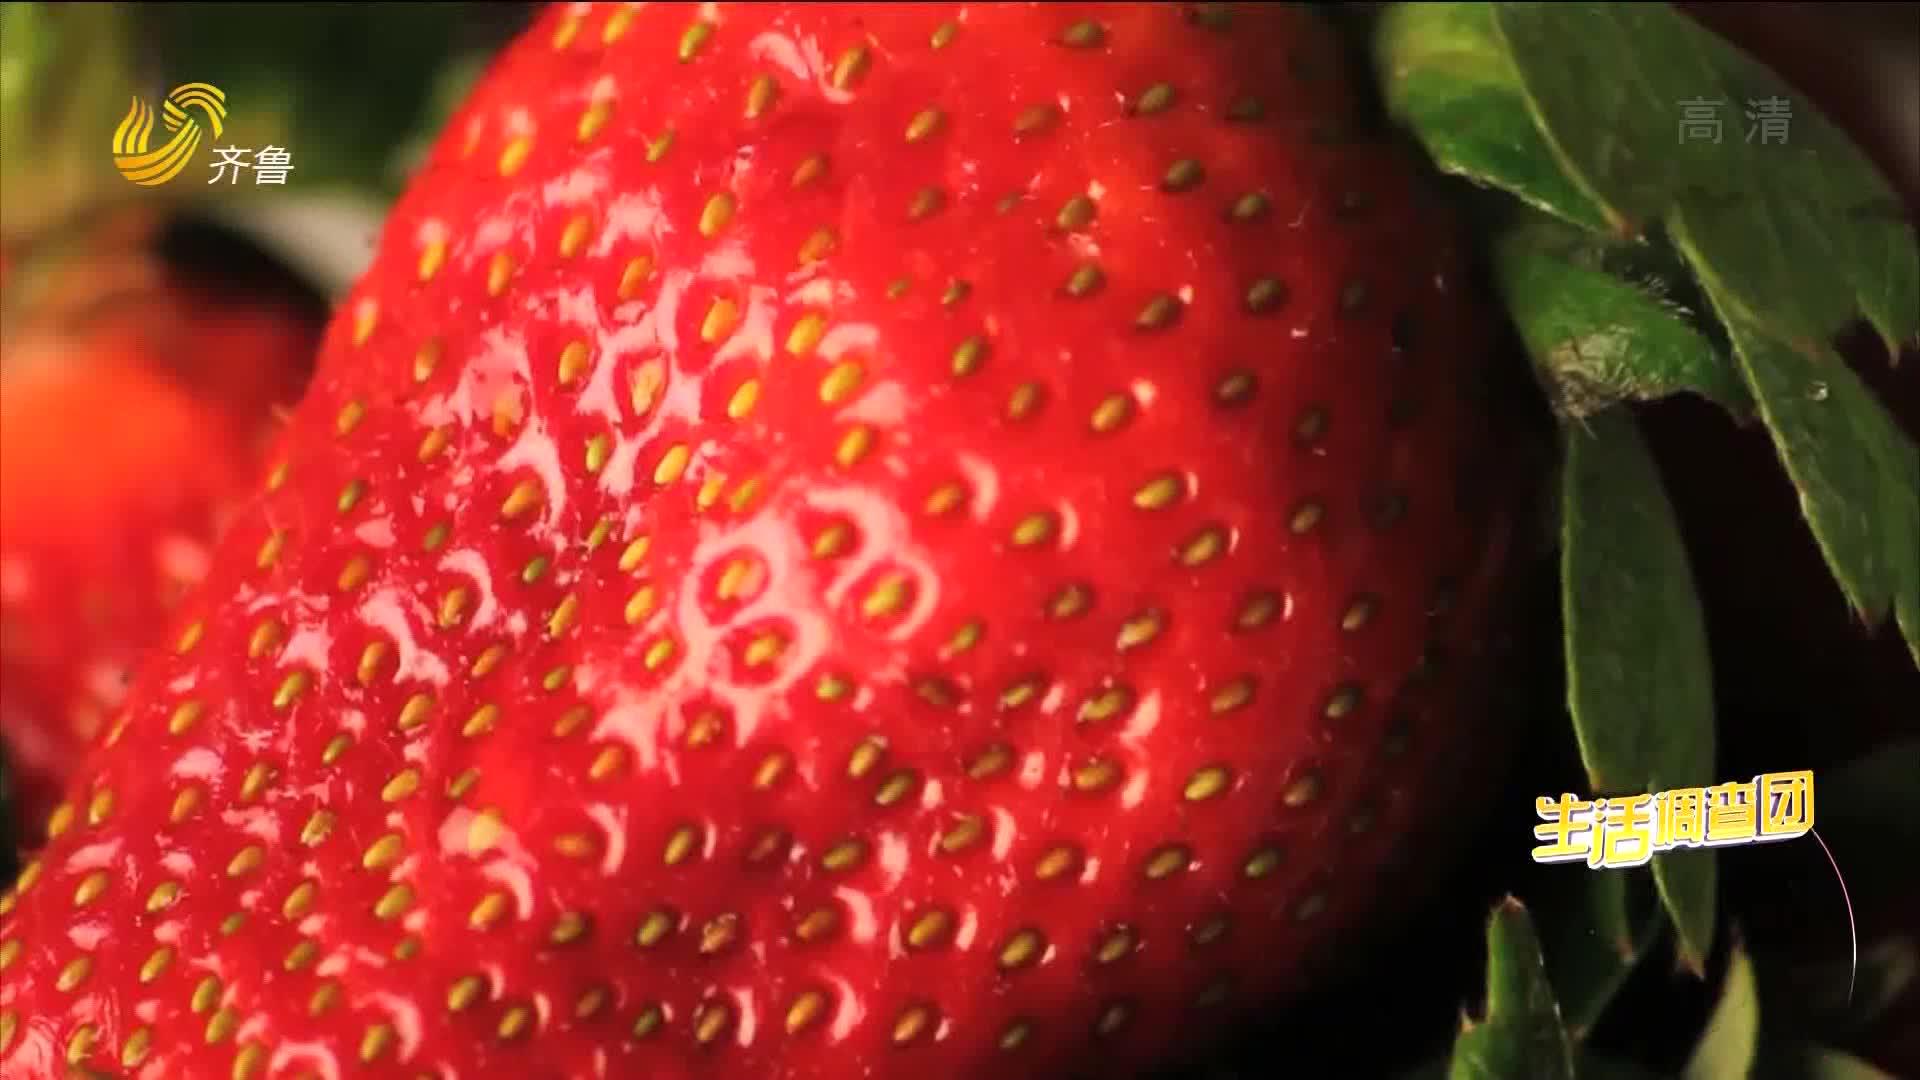 2021年01月29日《生活大调查》:大草莓是打了膨大剂?